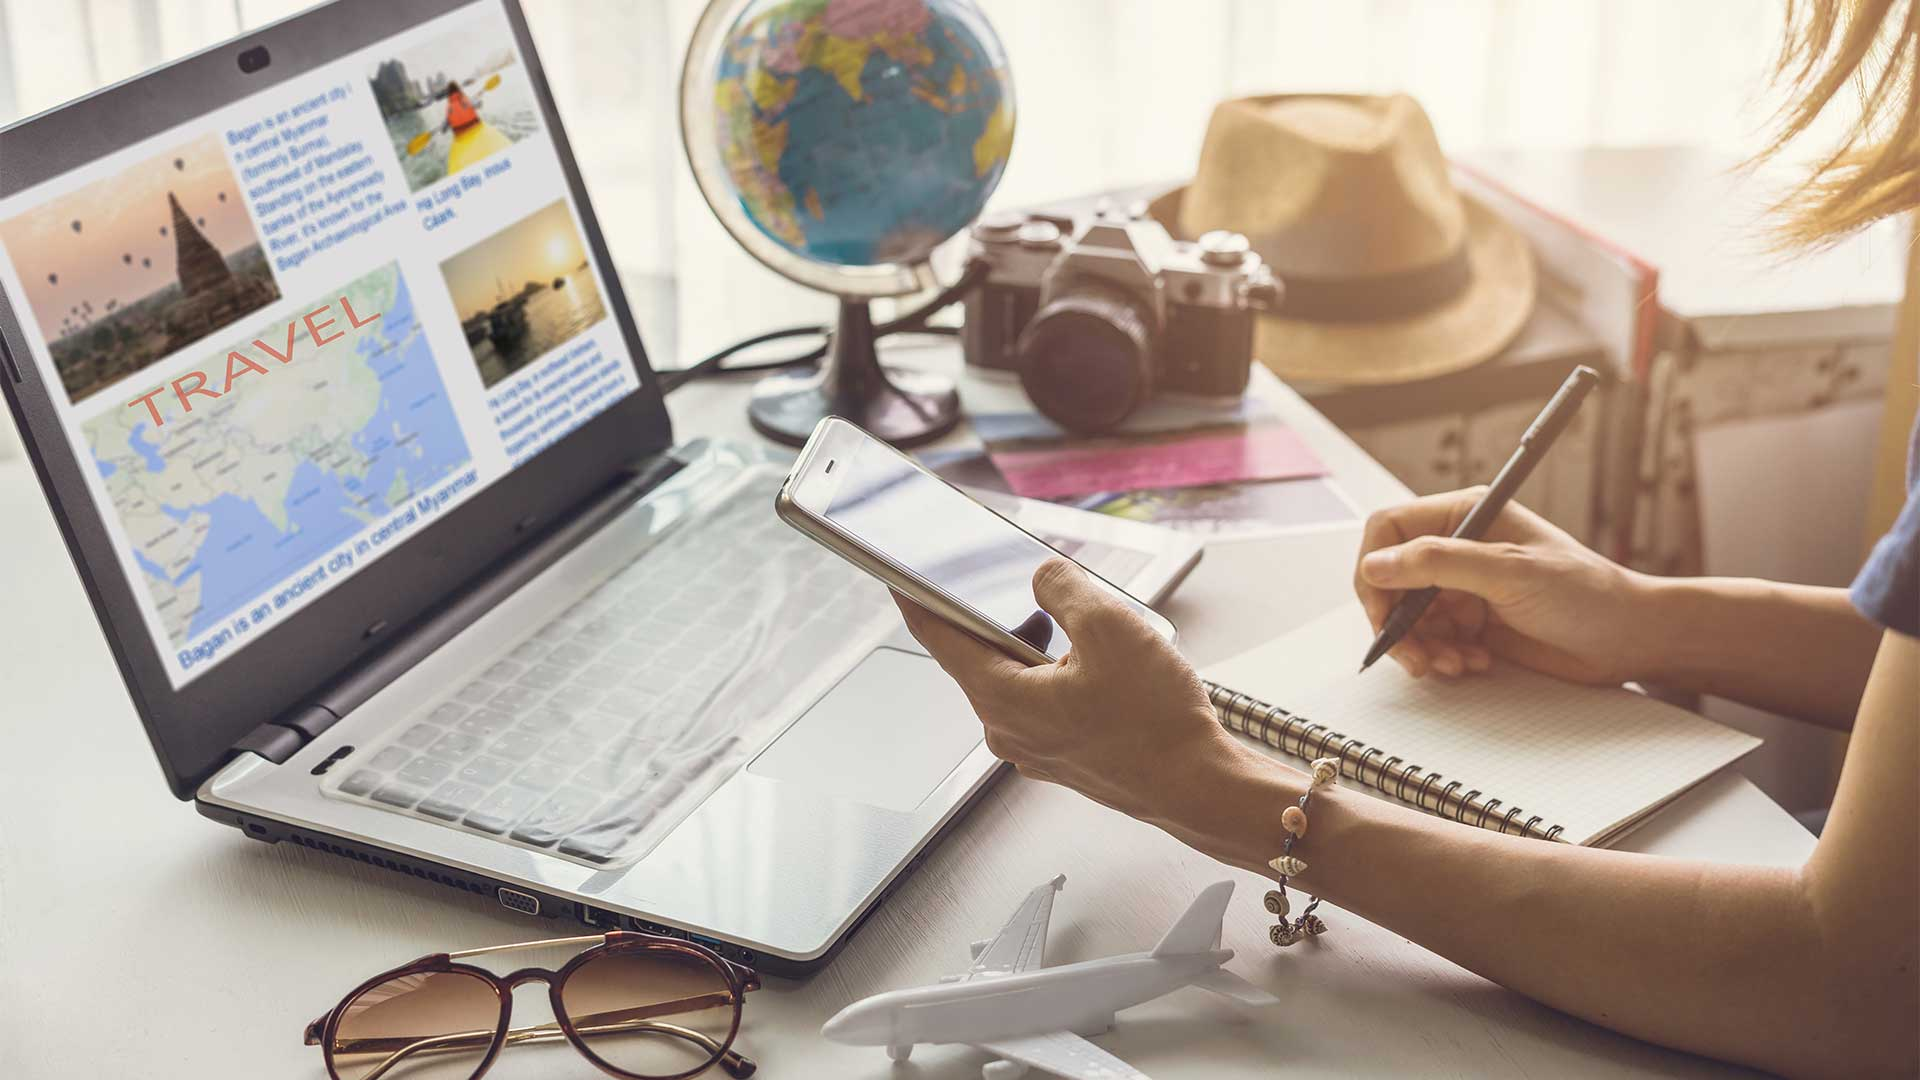 Junge Frau plant ihre Urlaubsreise und recherchiert am Laptop nach Informationen.